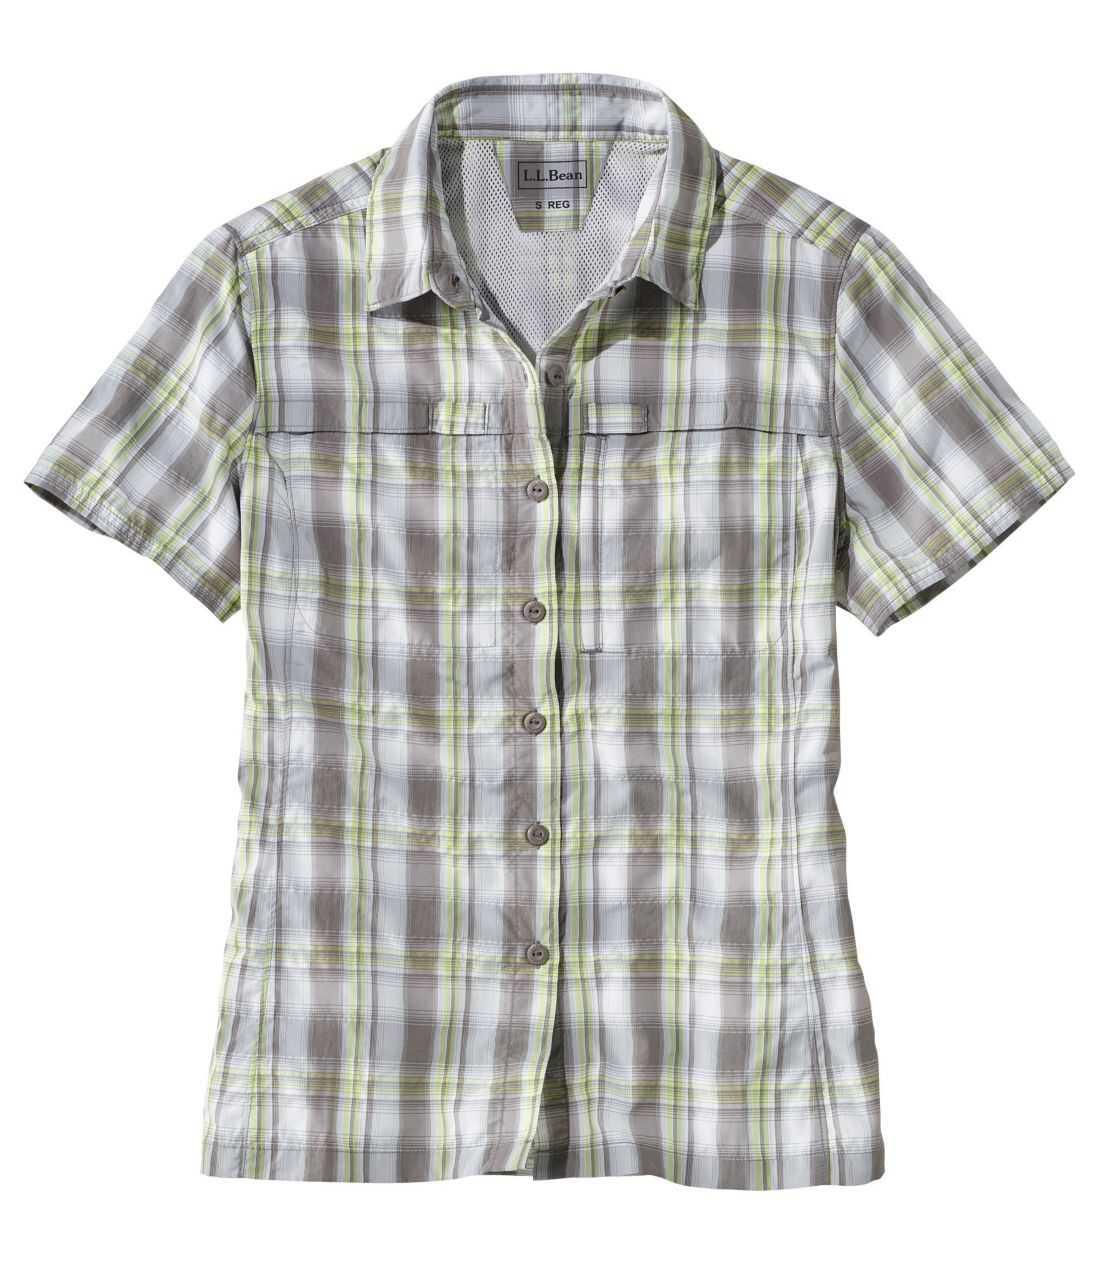 トロピックウエア・シャツ、プラッド 半袖